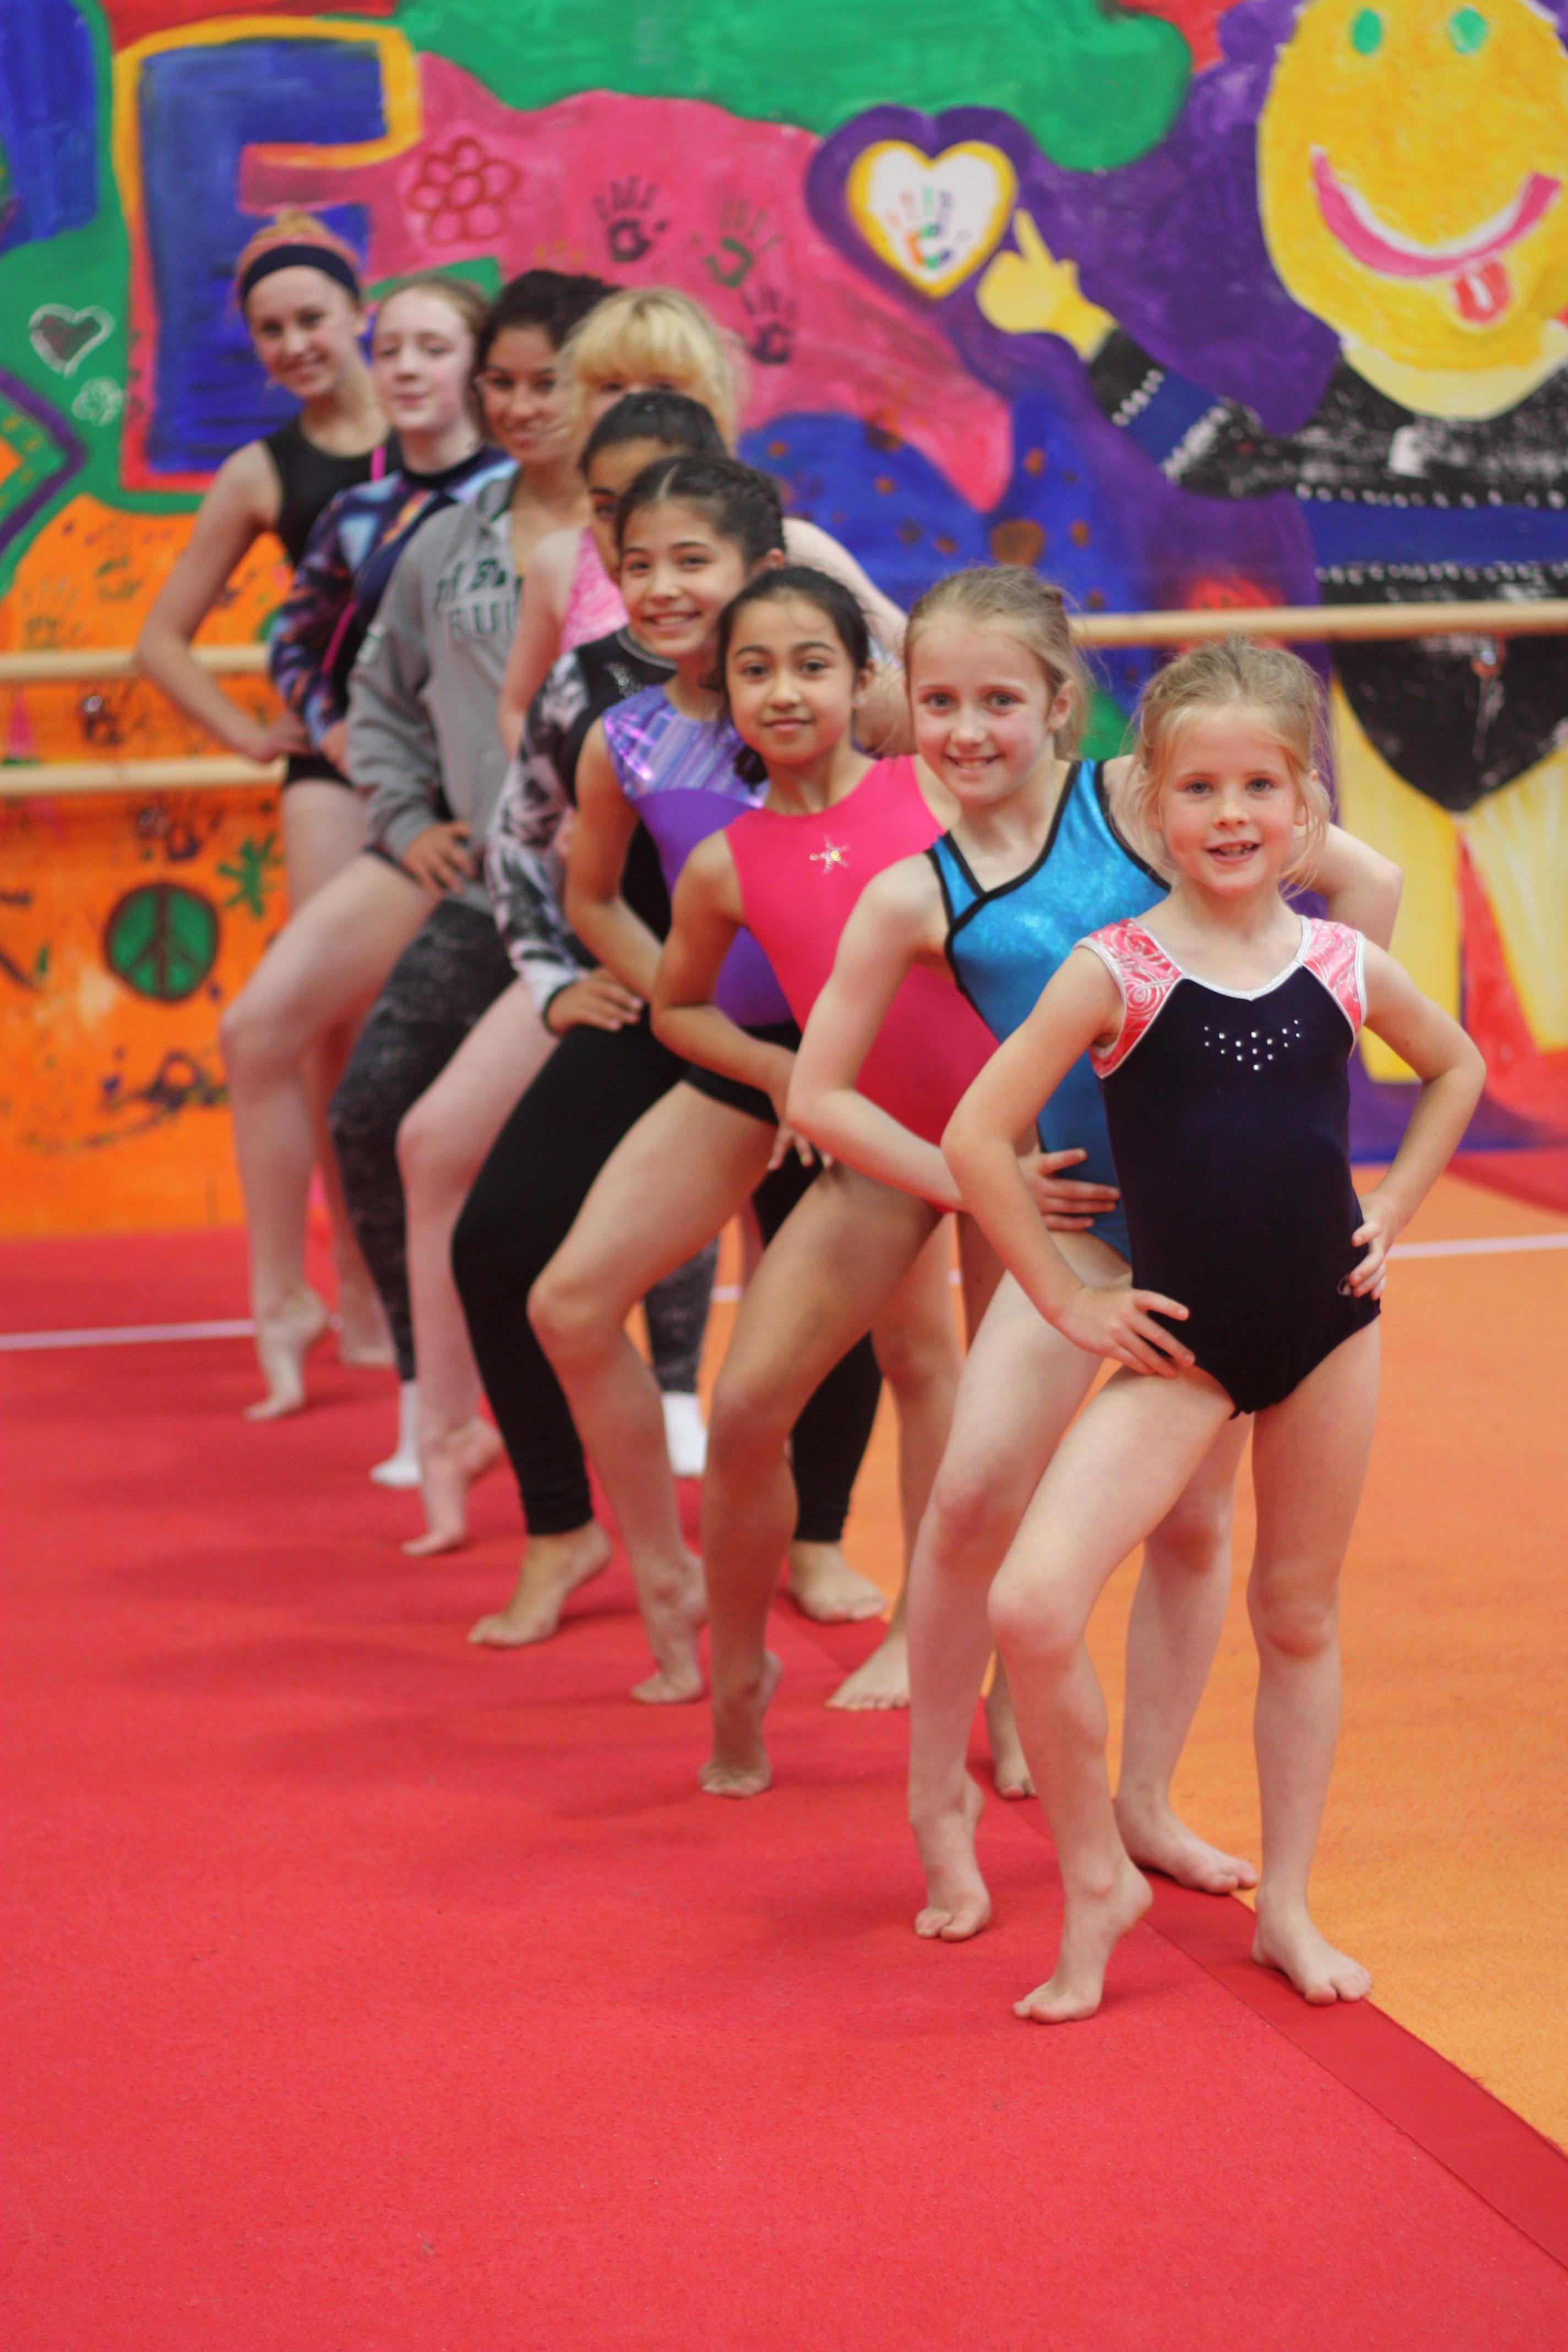 Teen Gymnastics Camp